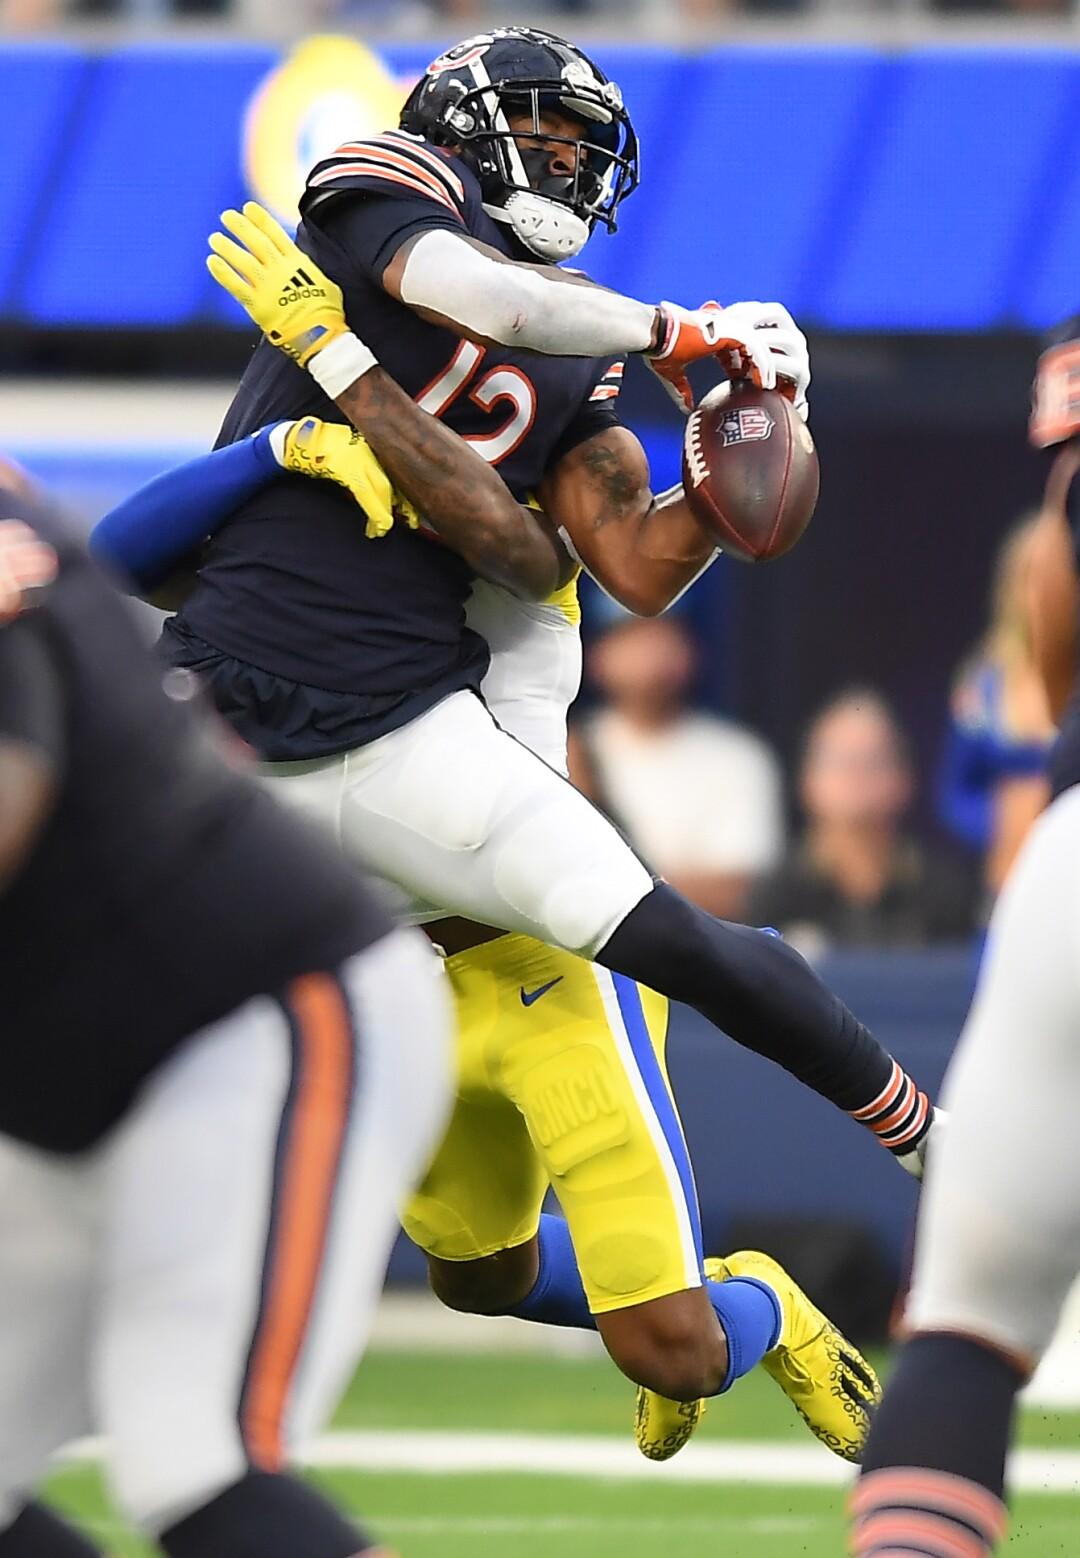 Le demi défensif des Rams de Los Angeles Jalen Ramsey empêche le receveur des Bears de Chicago Allen Robinson d'attraper le ballon